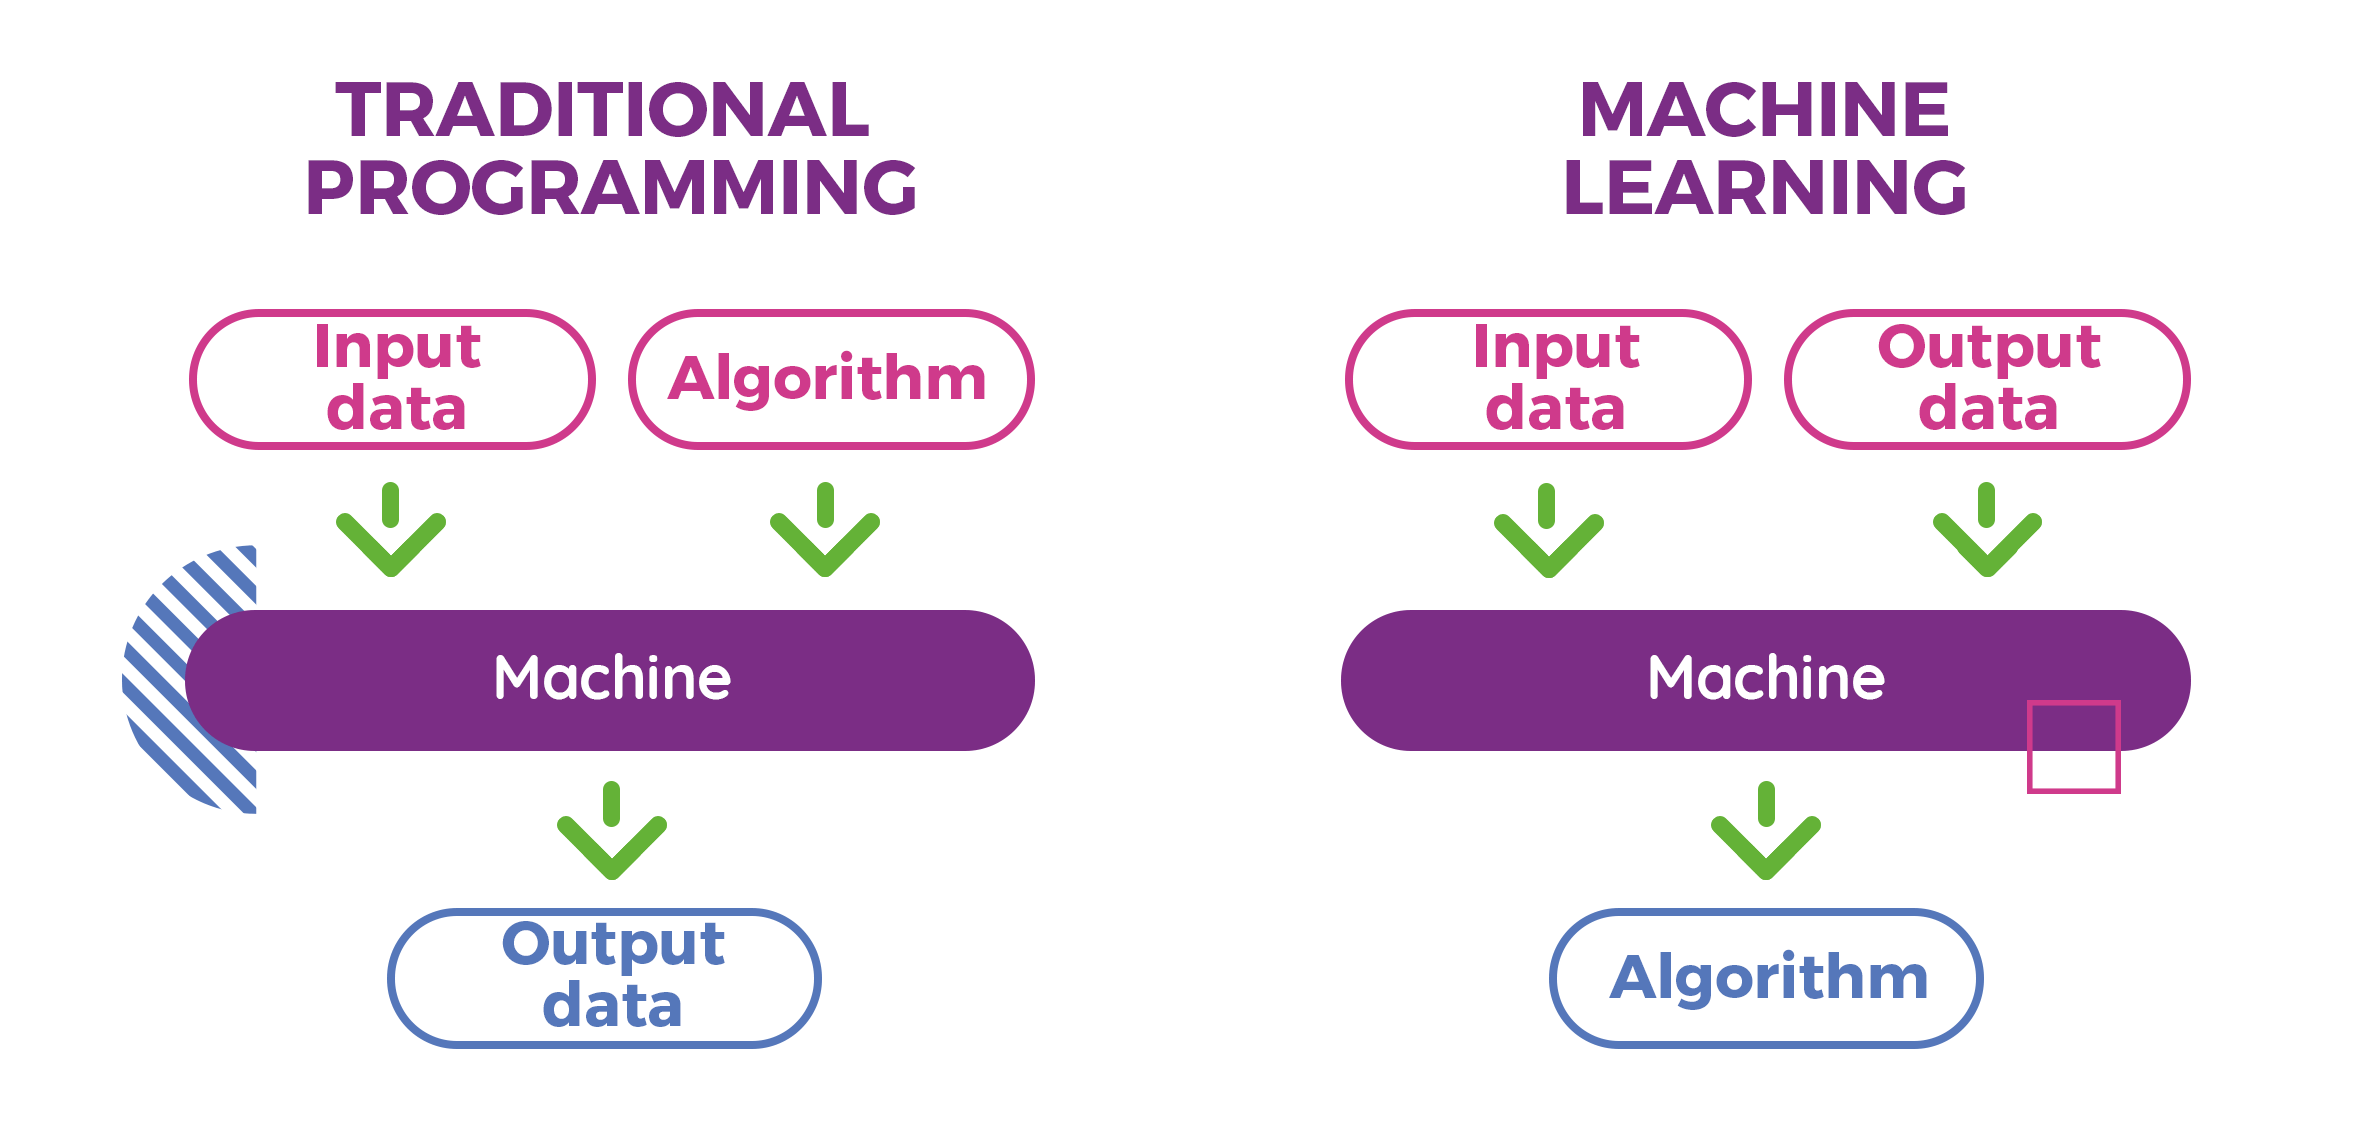 Vergleich des maschinellen Lernens mit traditioneller Programmierung